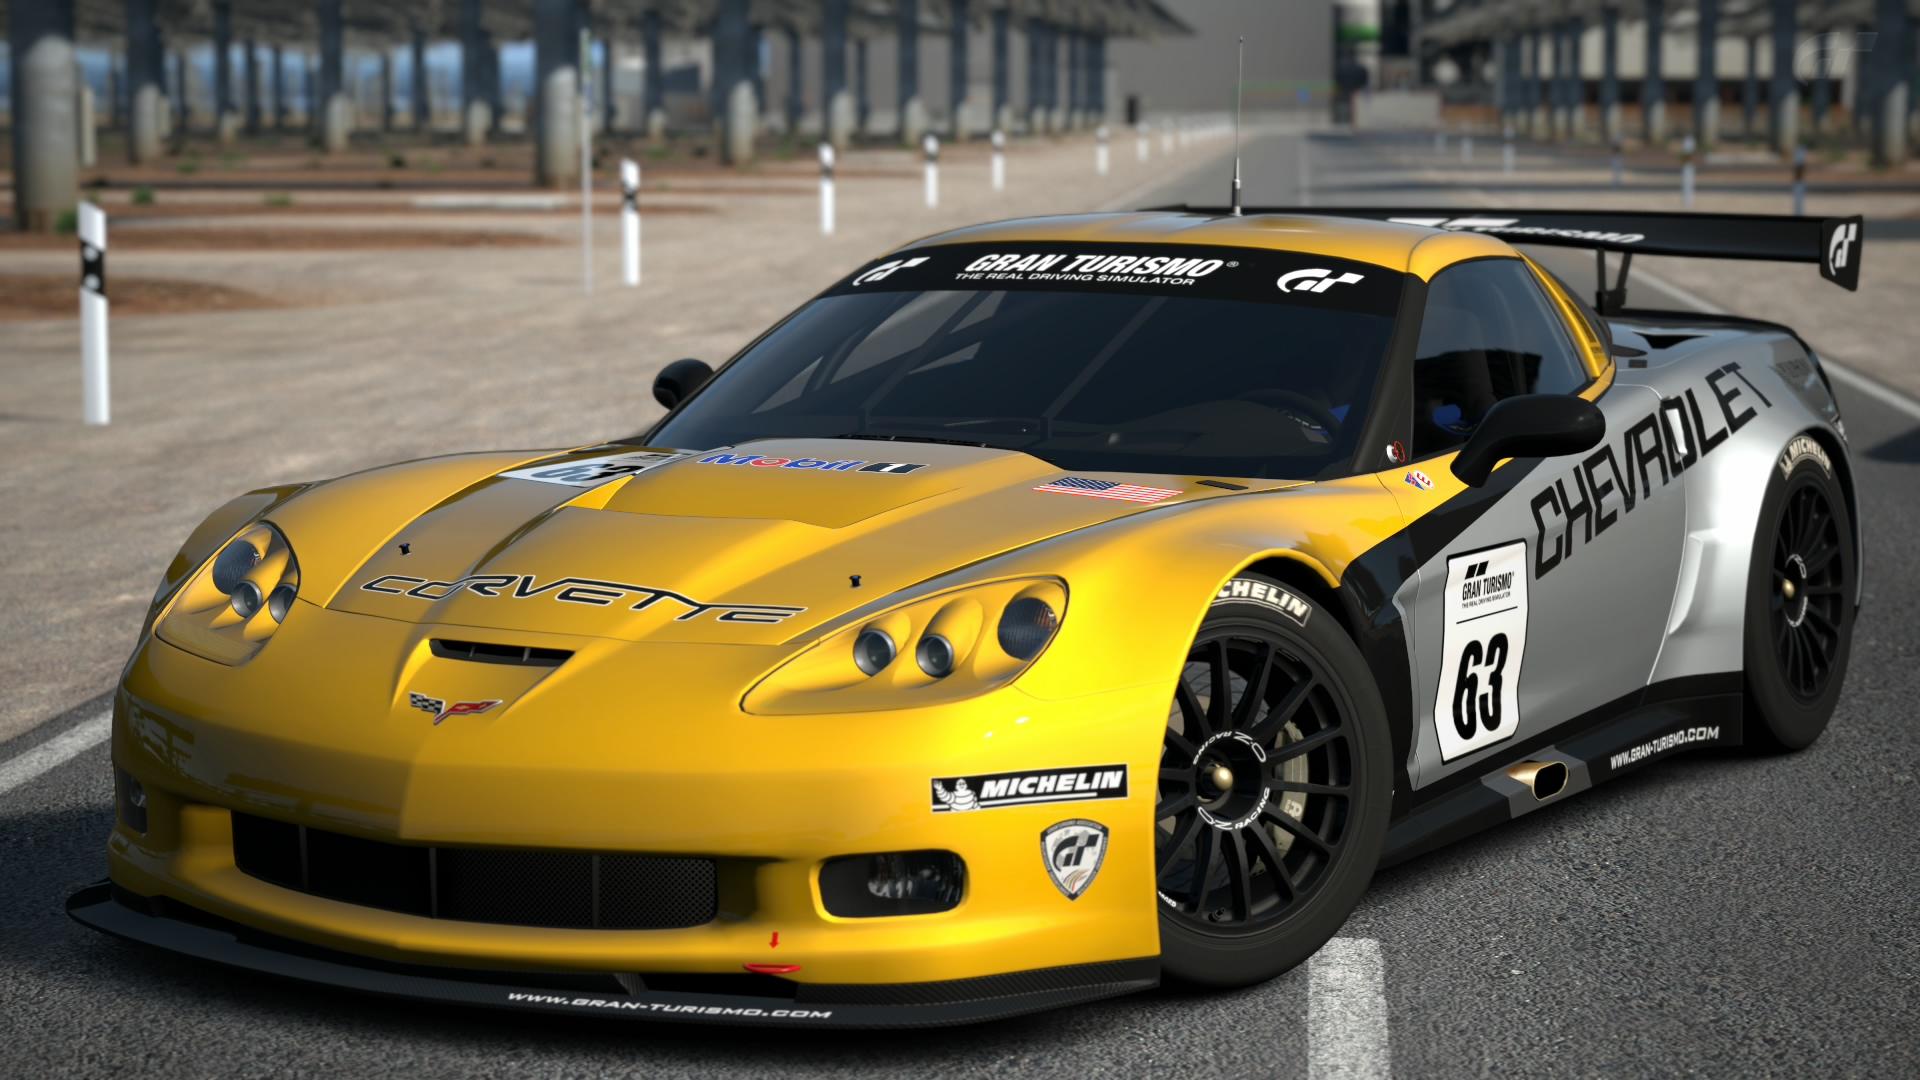 Chevrolet Corvette Z06 (C6) RM '06